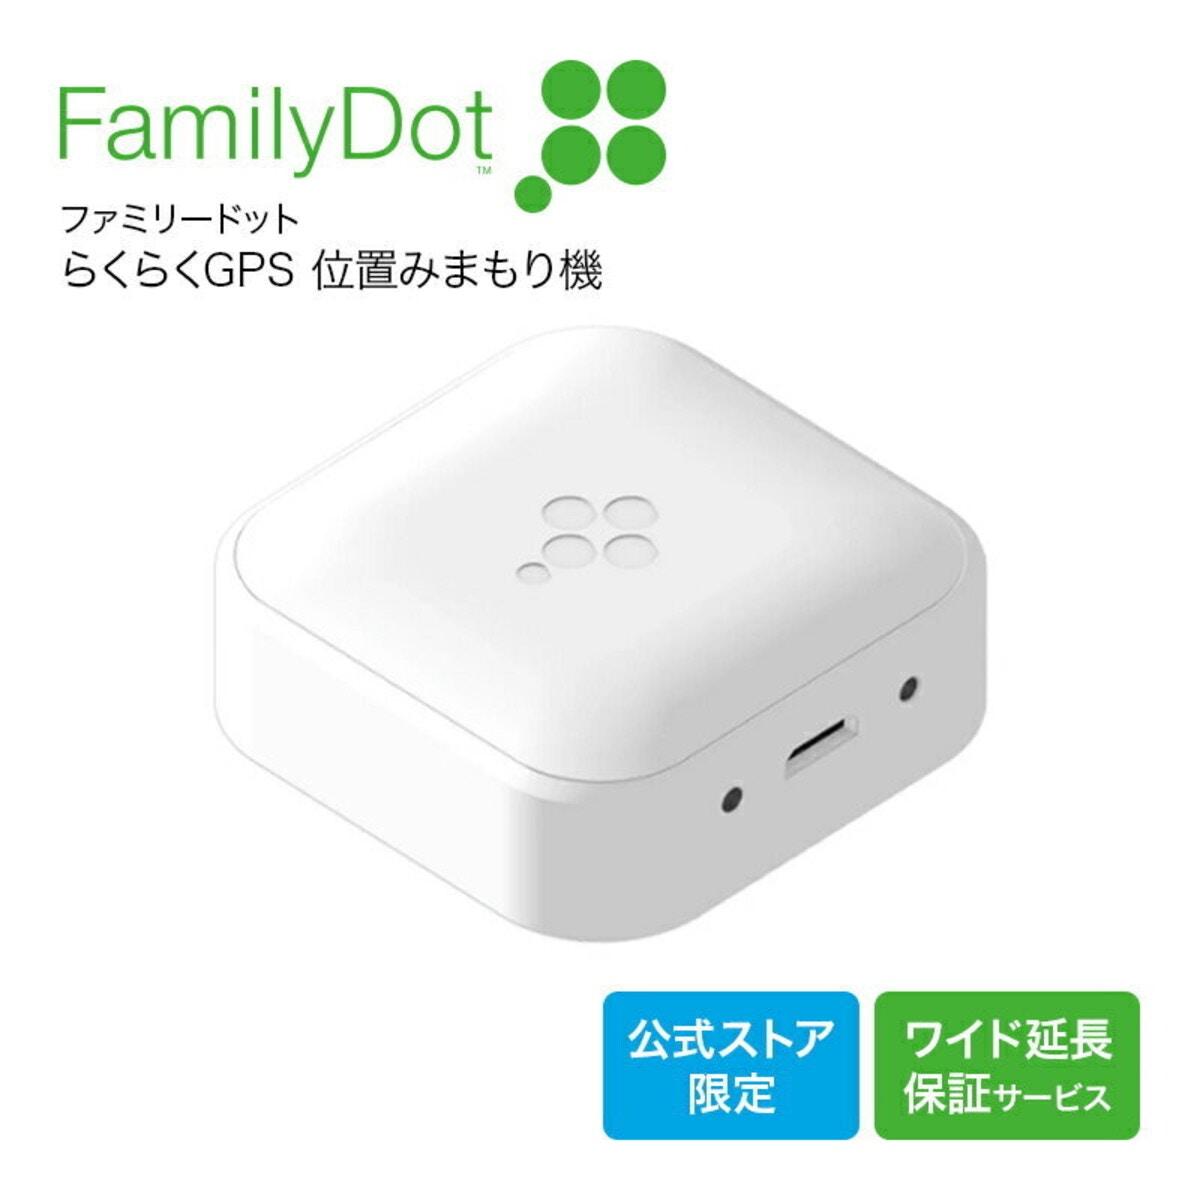 FamilyDot ファミリードット